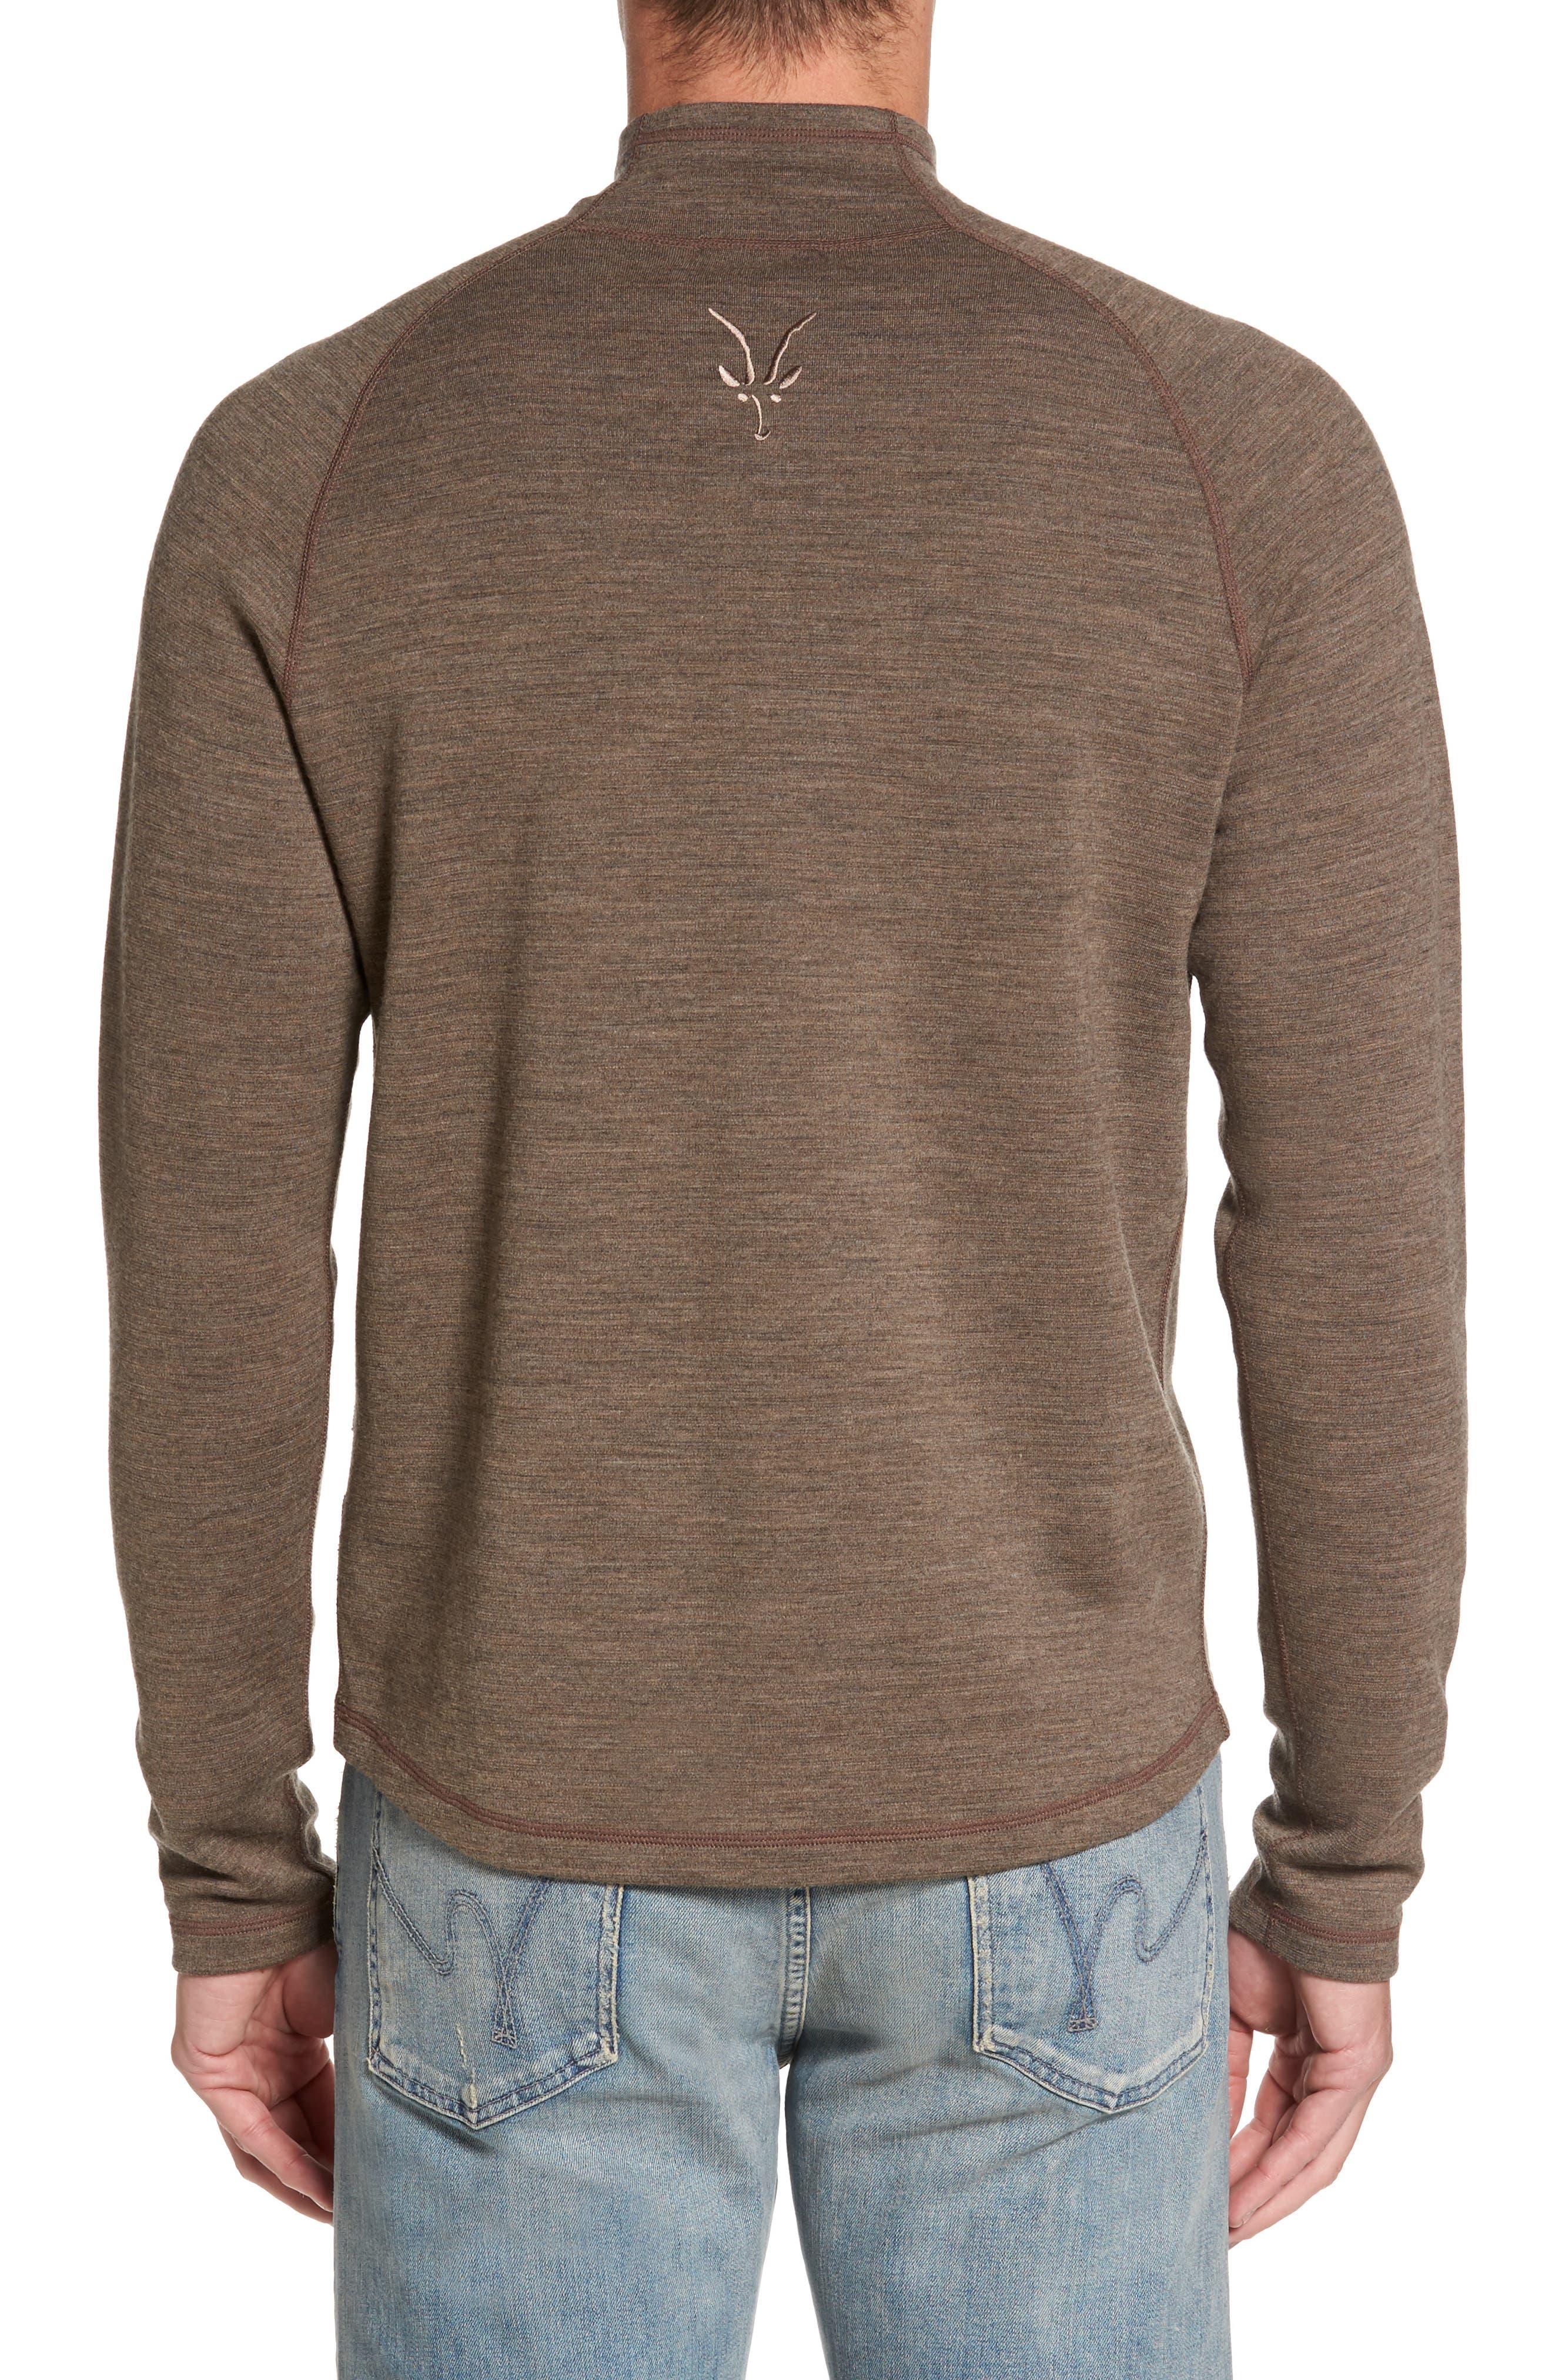 Alternate Image 2  - ibex 'Shak' Merino Wool Quarter Zip Top